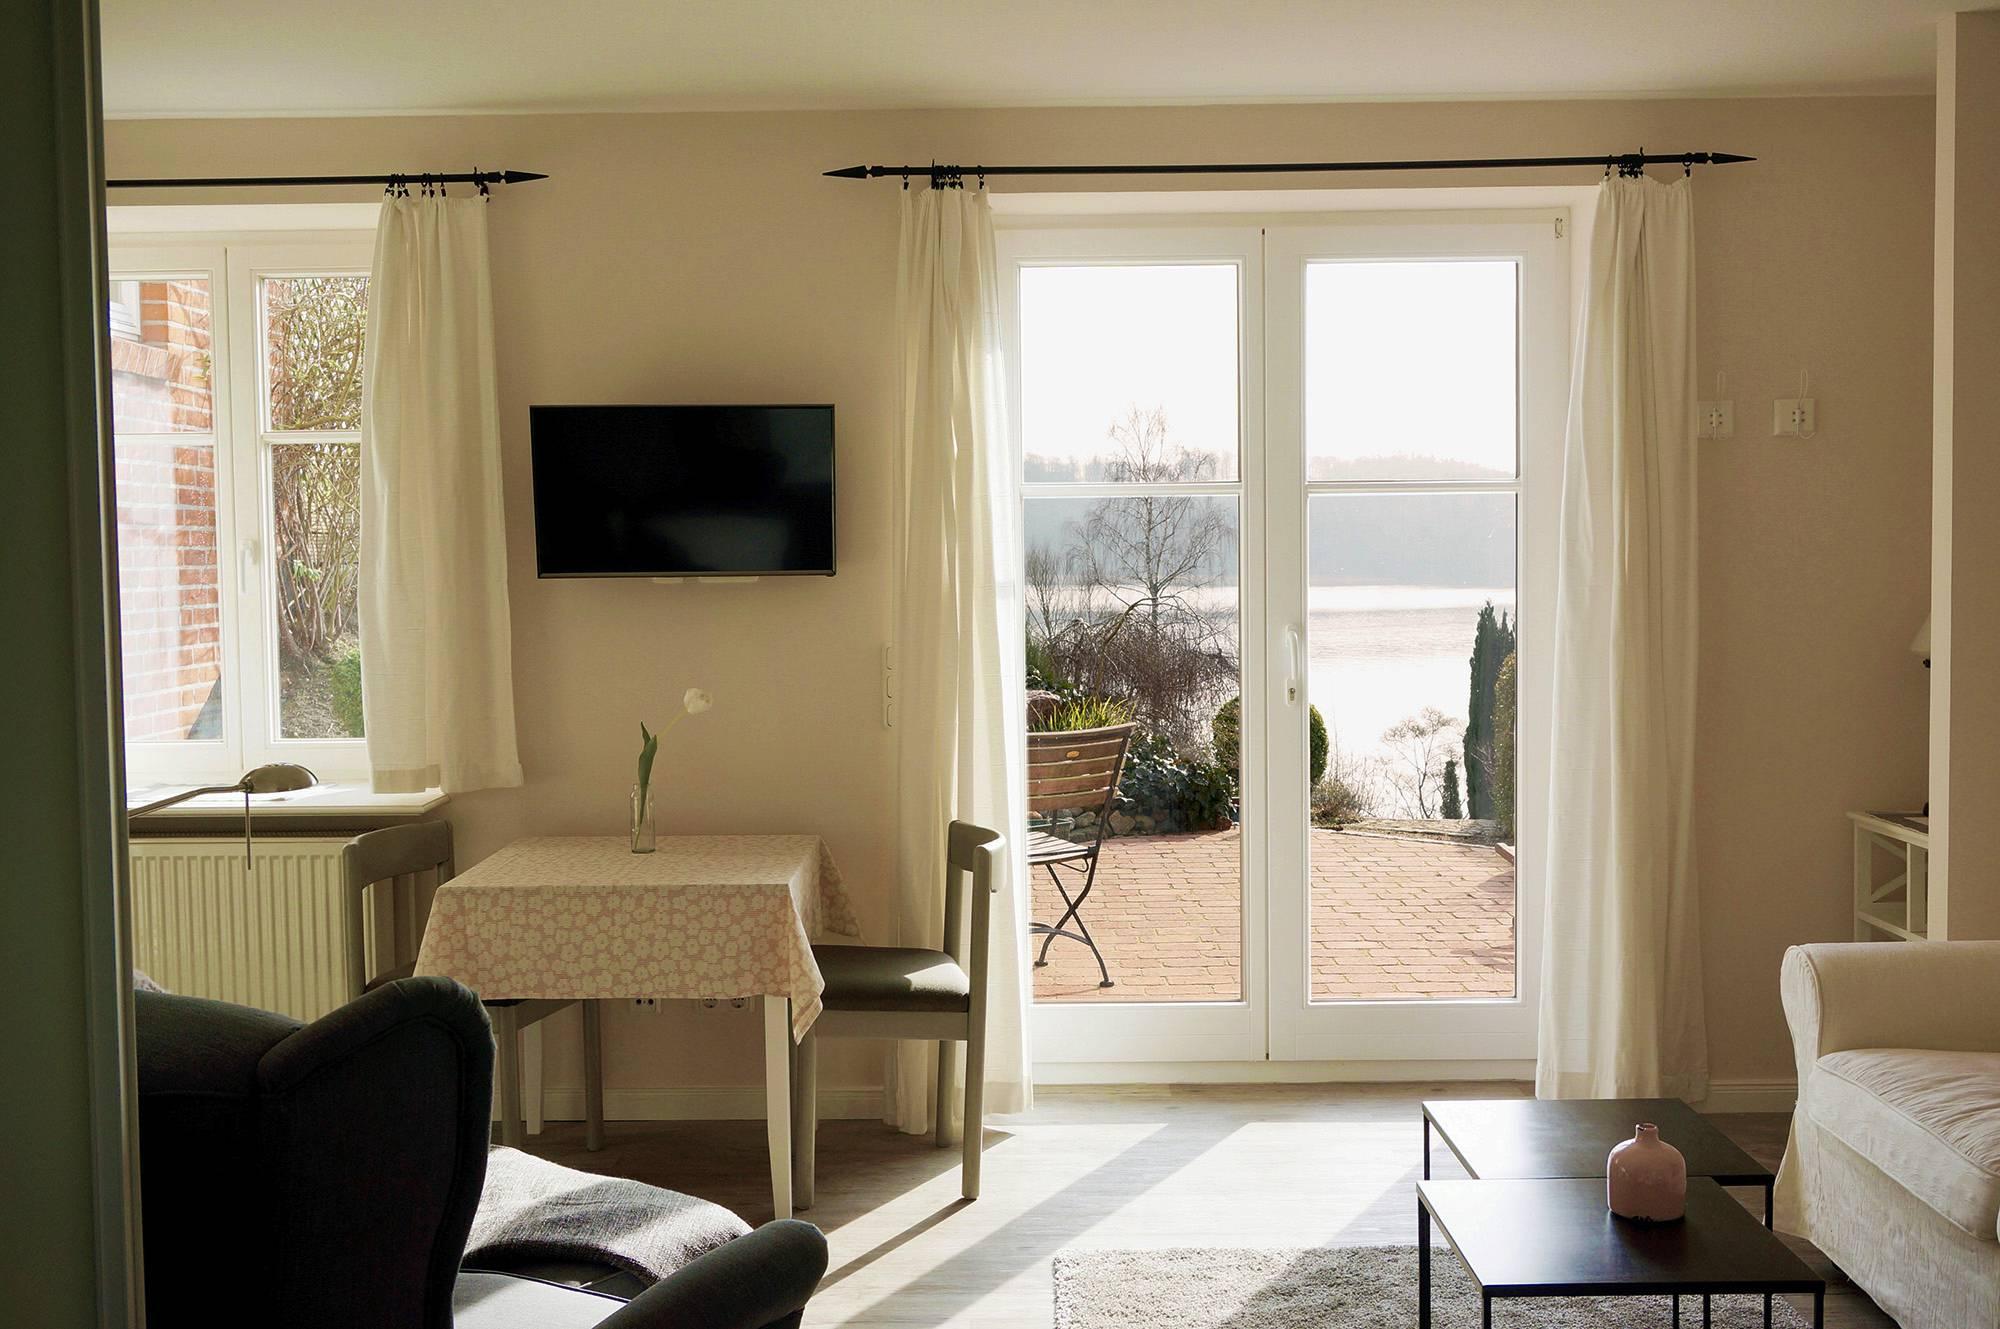 rosenhaus k chensee in ratzeburg ihre ferienwohnung mit seeblick. Black Bedroom Furniture Sets. Home Design Ideas